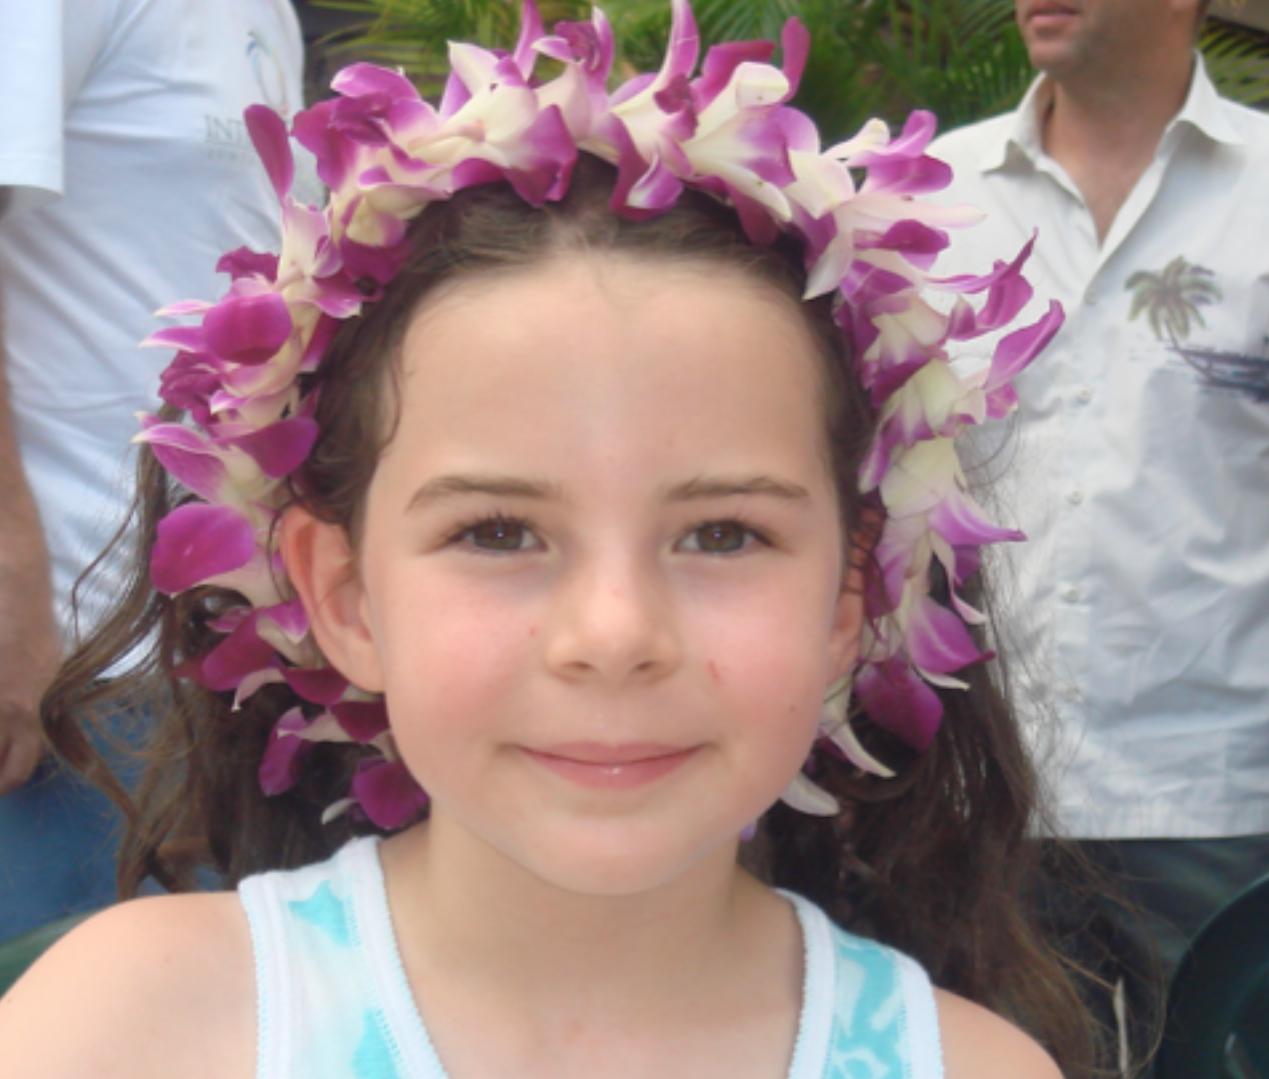 Julie Levine's daughter